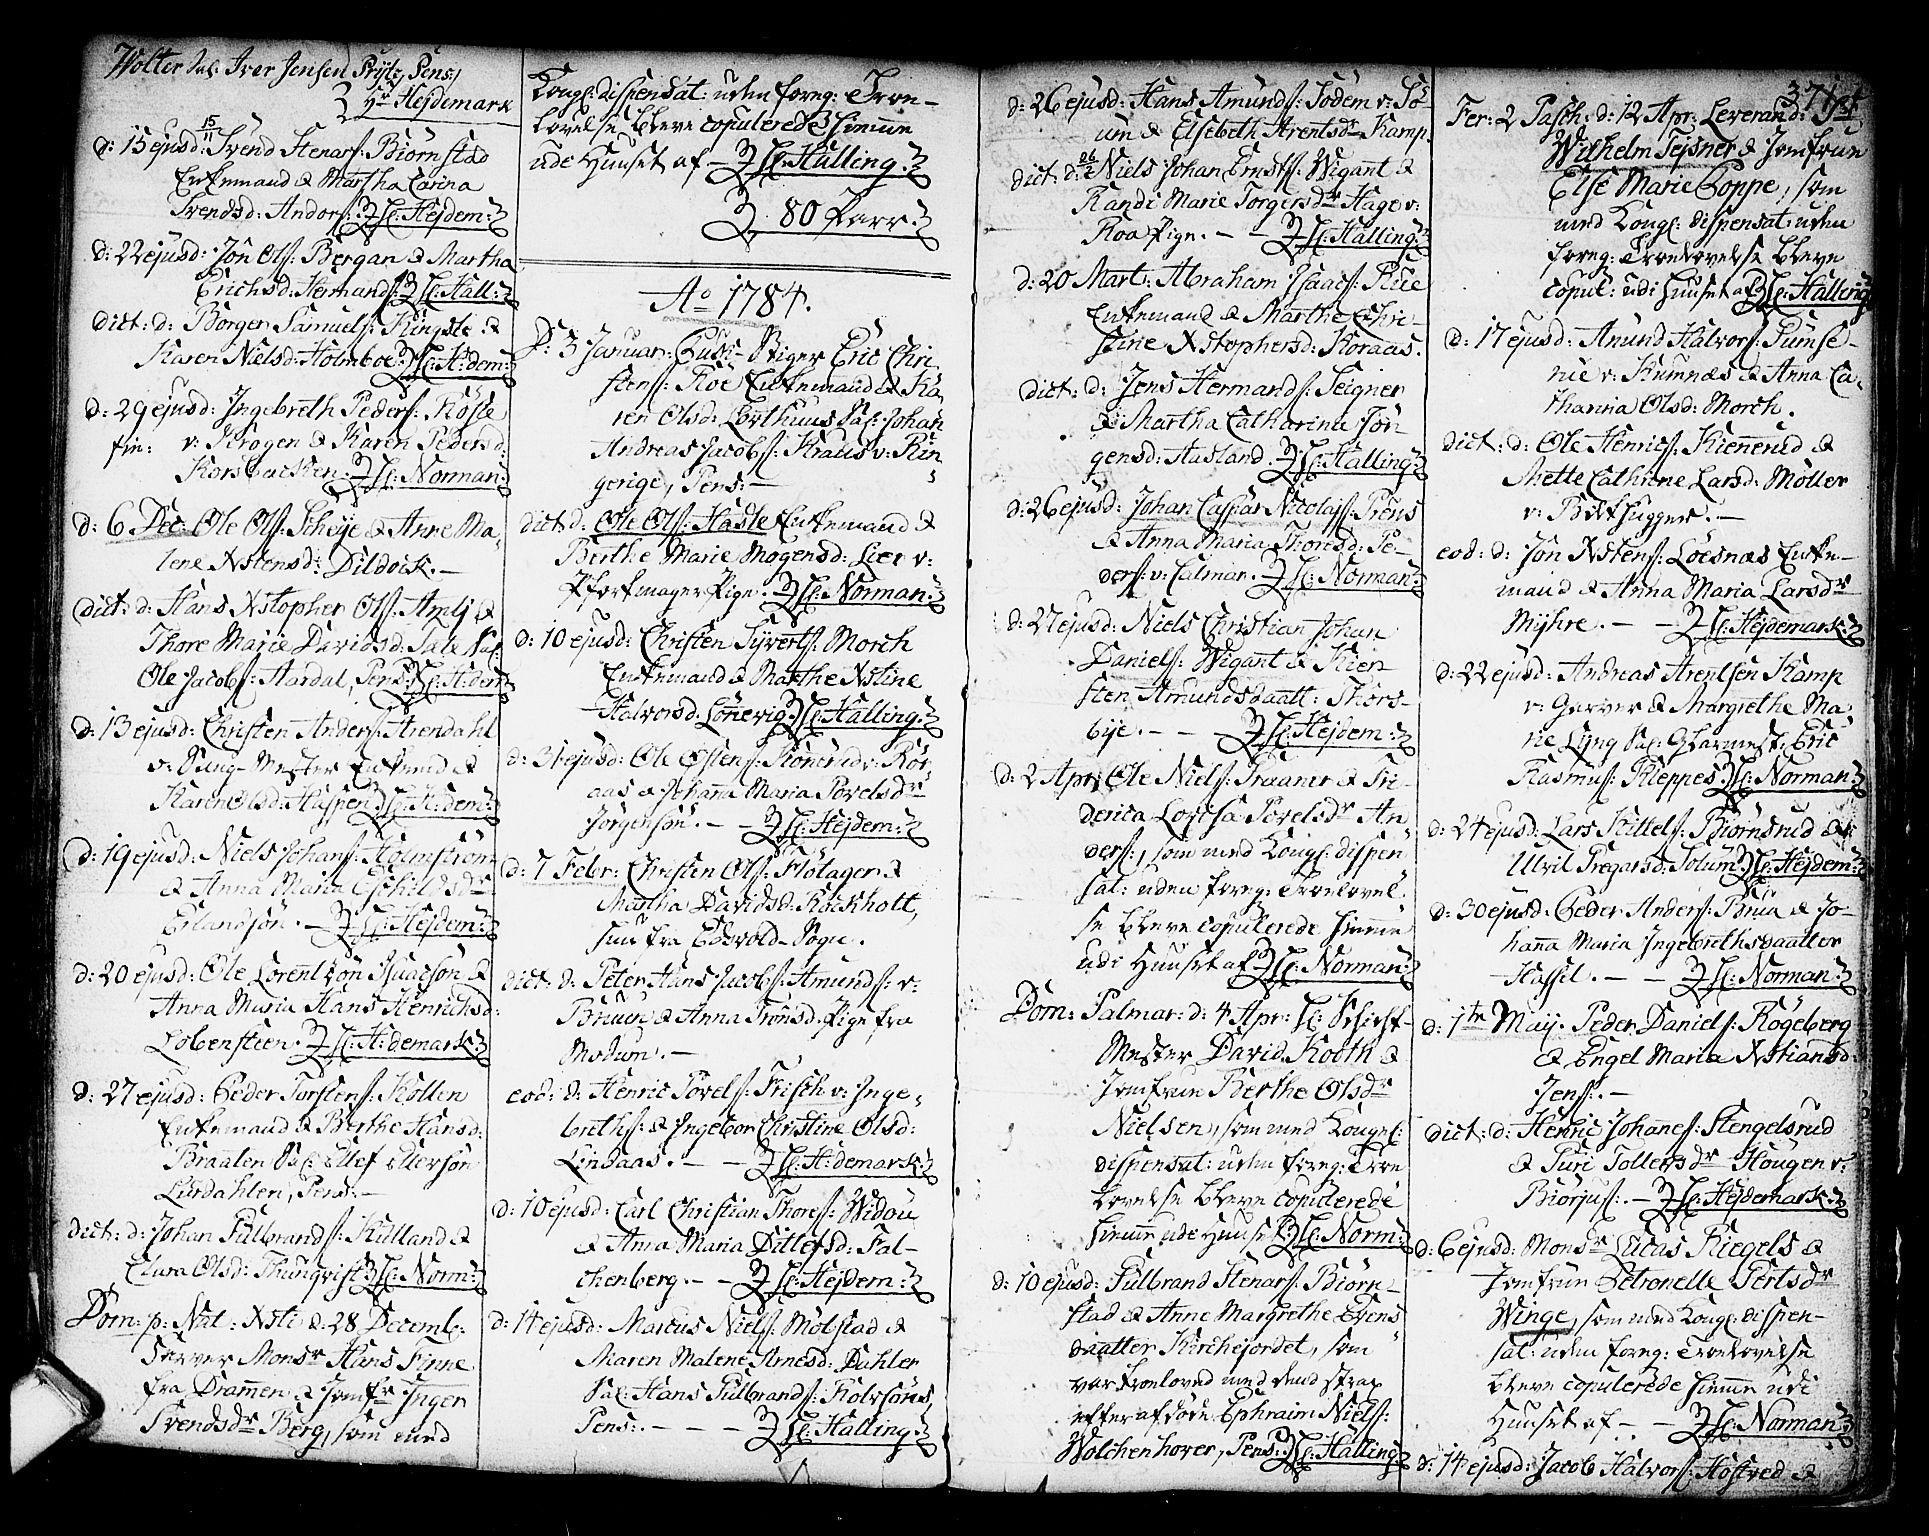 SAKO, Kongsberg kirkebøker, F/Fa/L0006: Ministerialbok nr. I 6, 1783-1797, s. 371